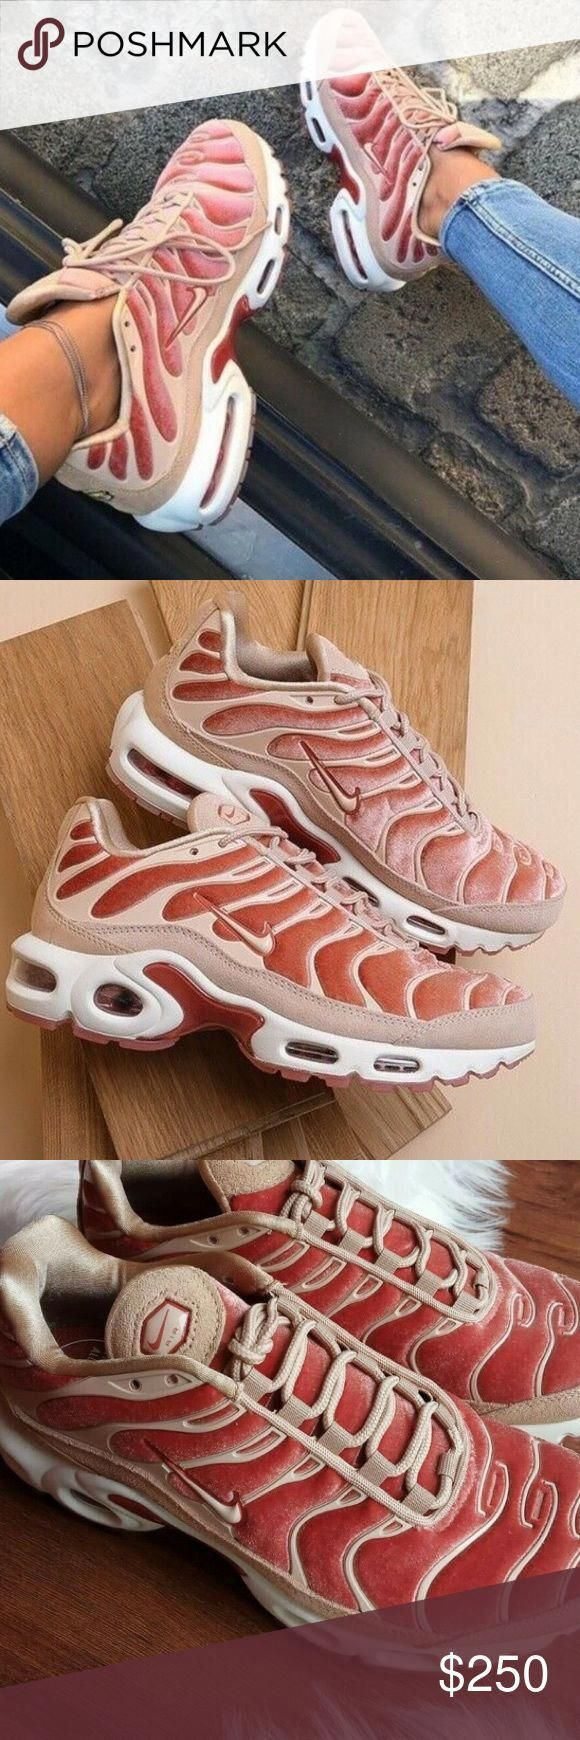 Nike Air max plus lux dusty peach women